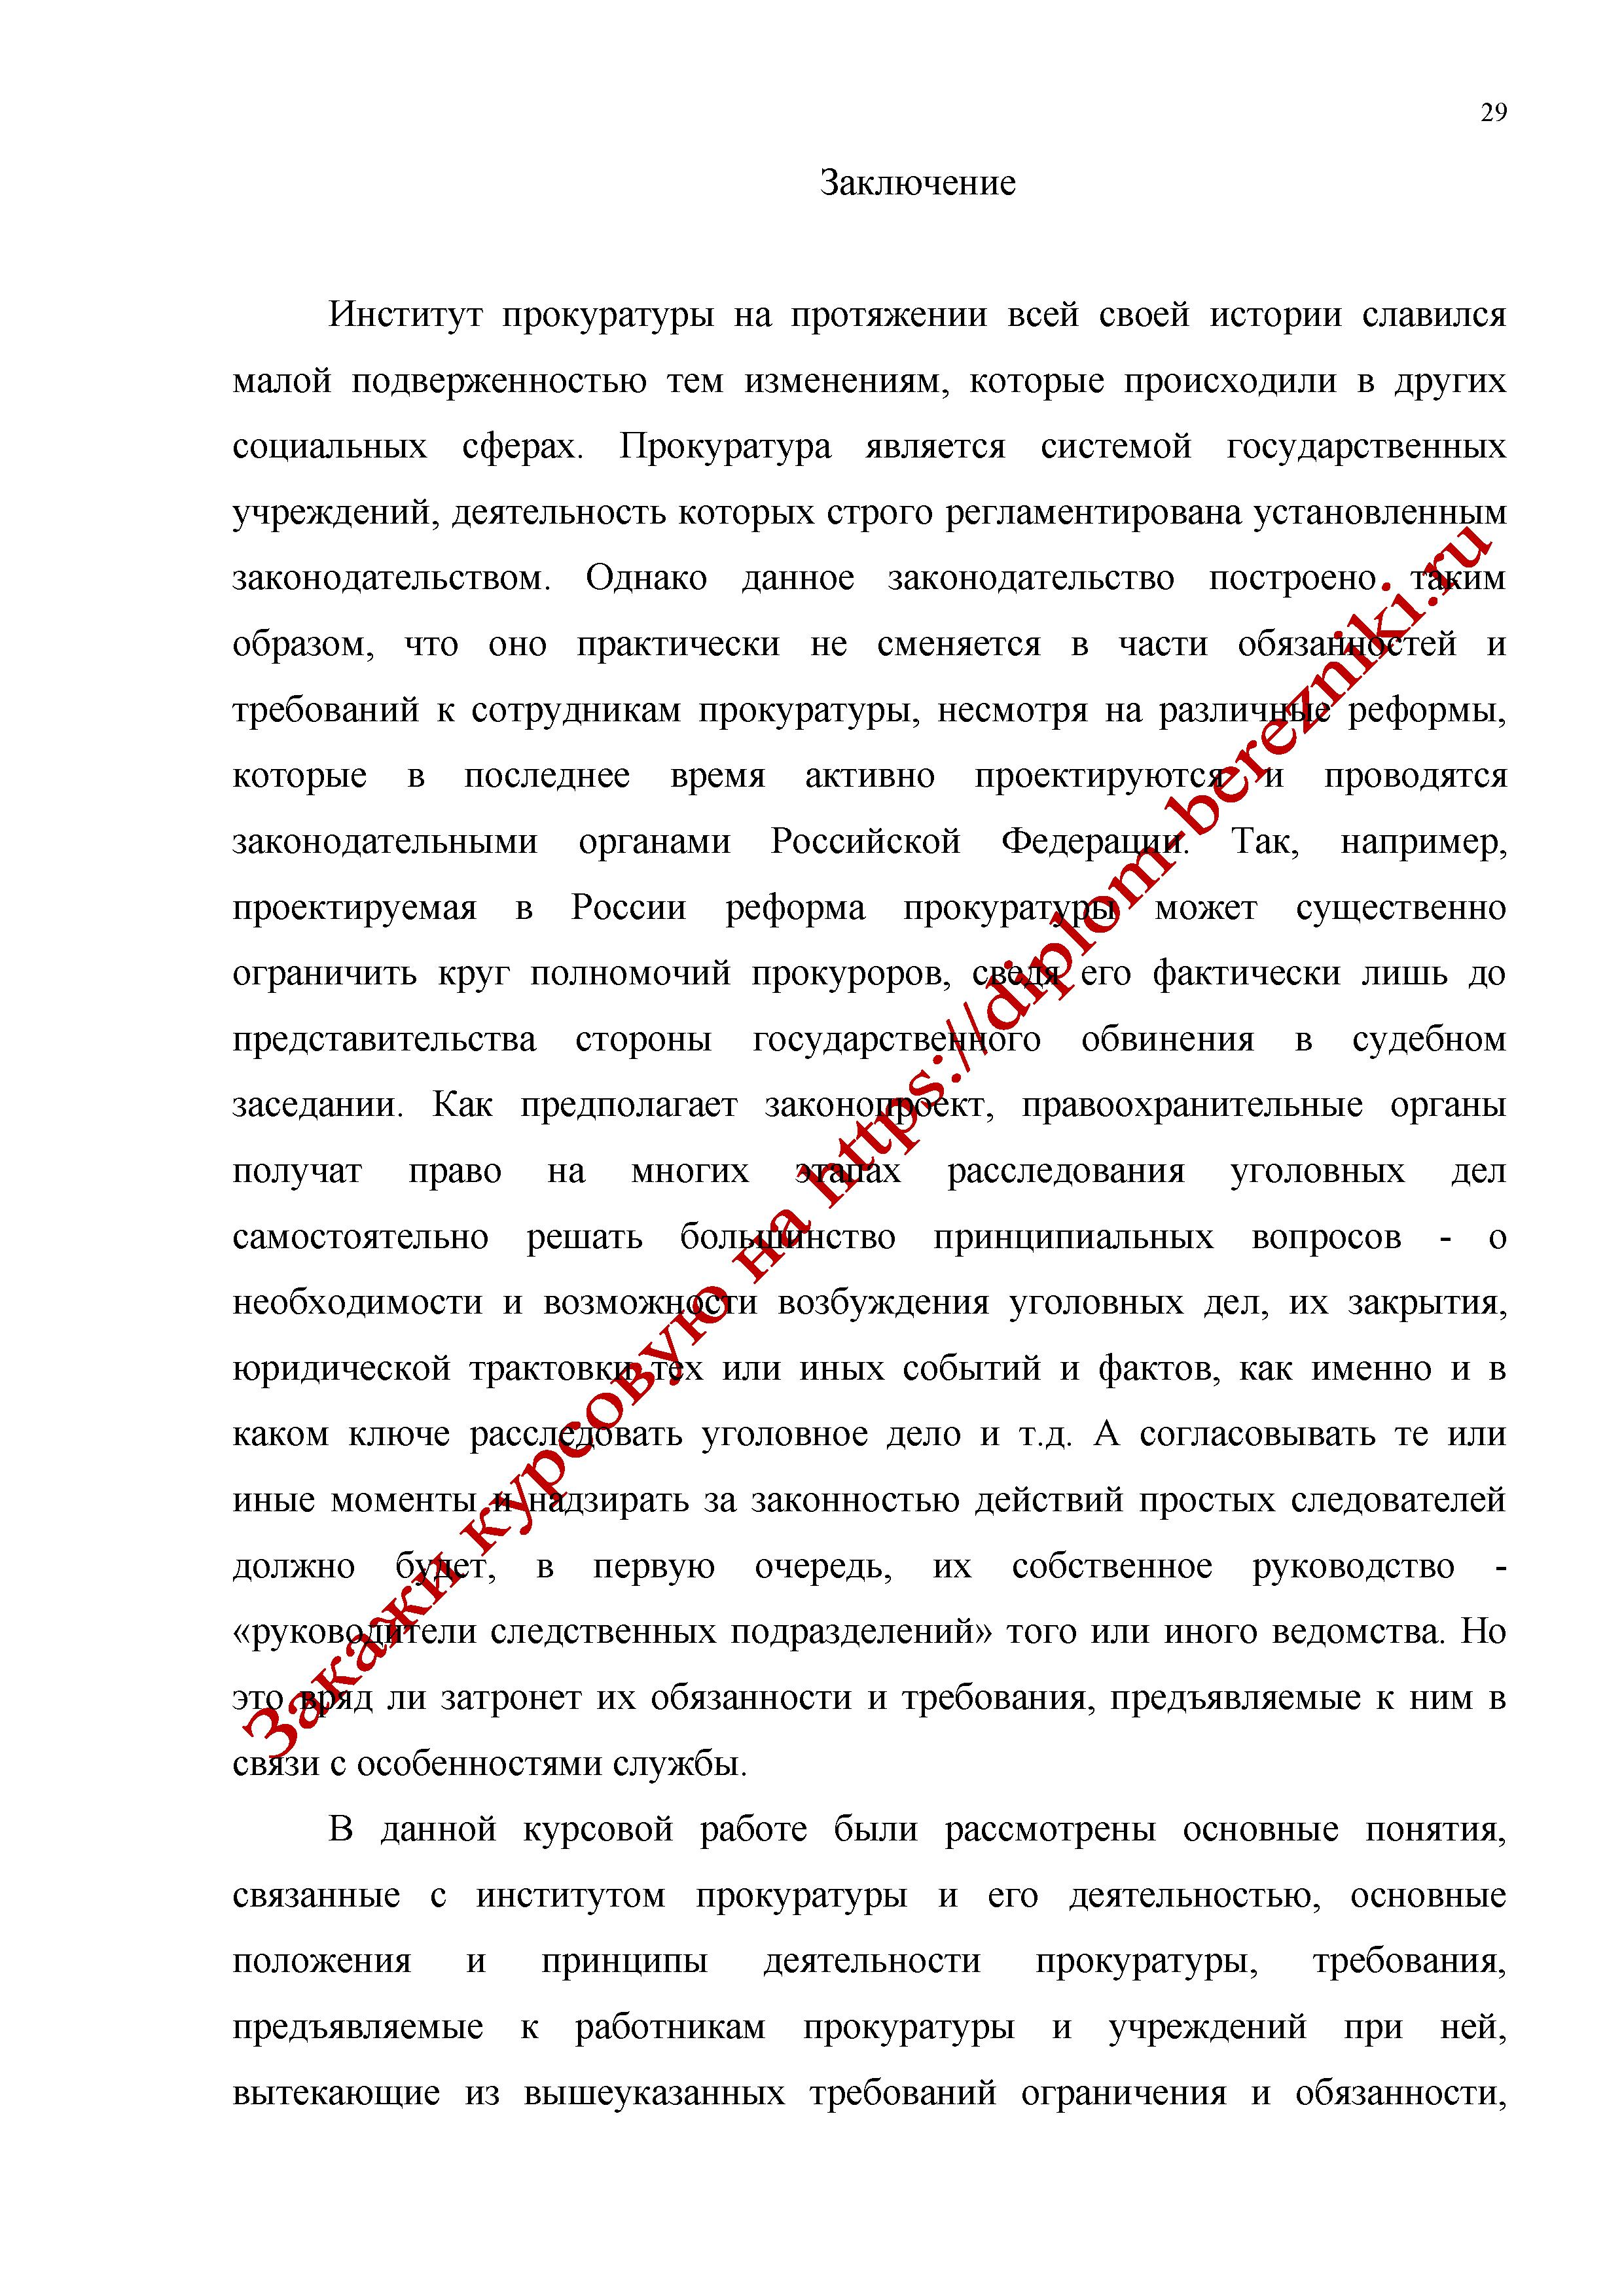 КУРСОВАЯ РАБОТА Государственная служба в органах и учреждениях прокуратуры